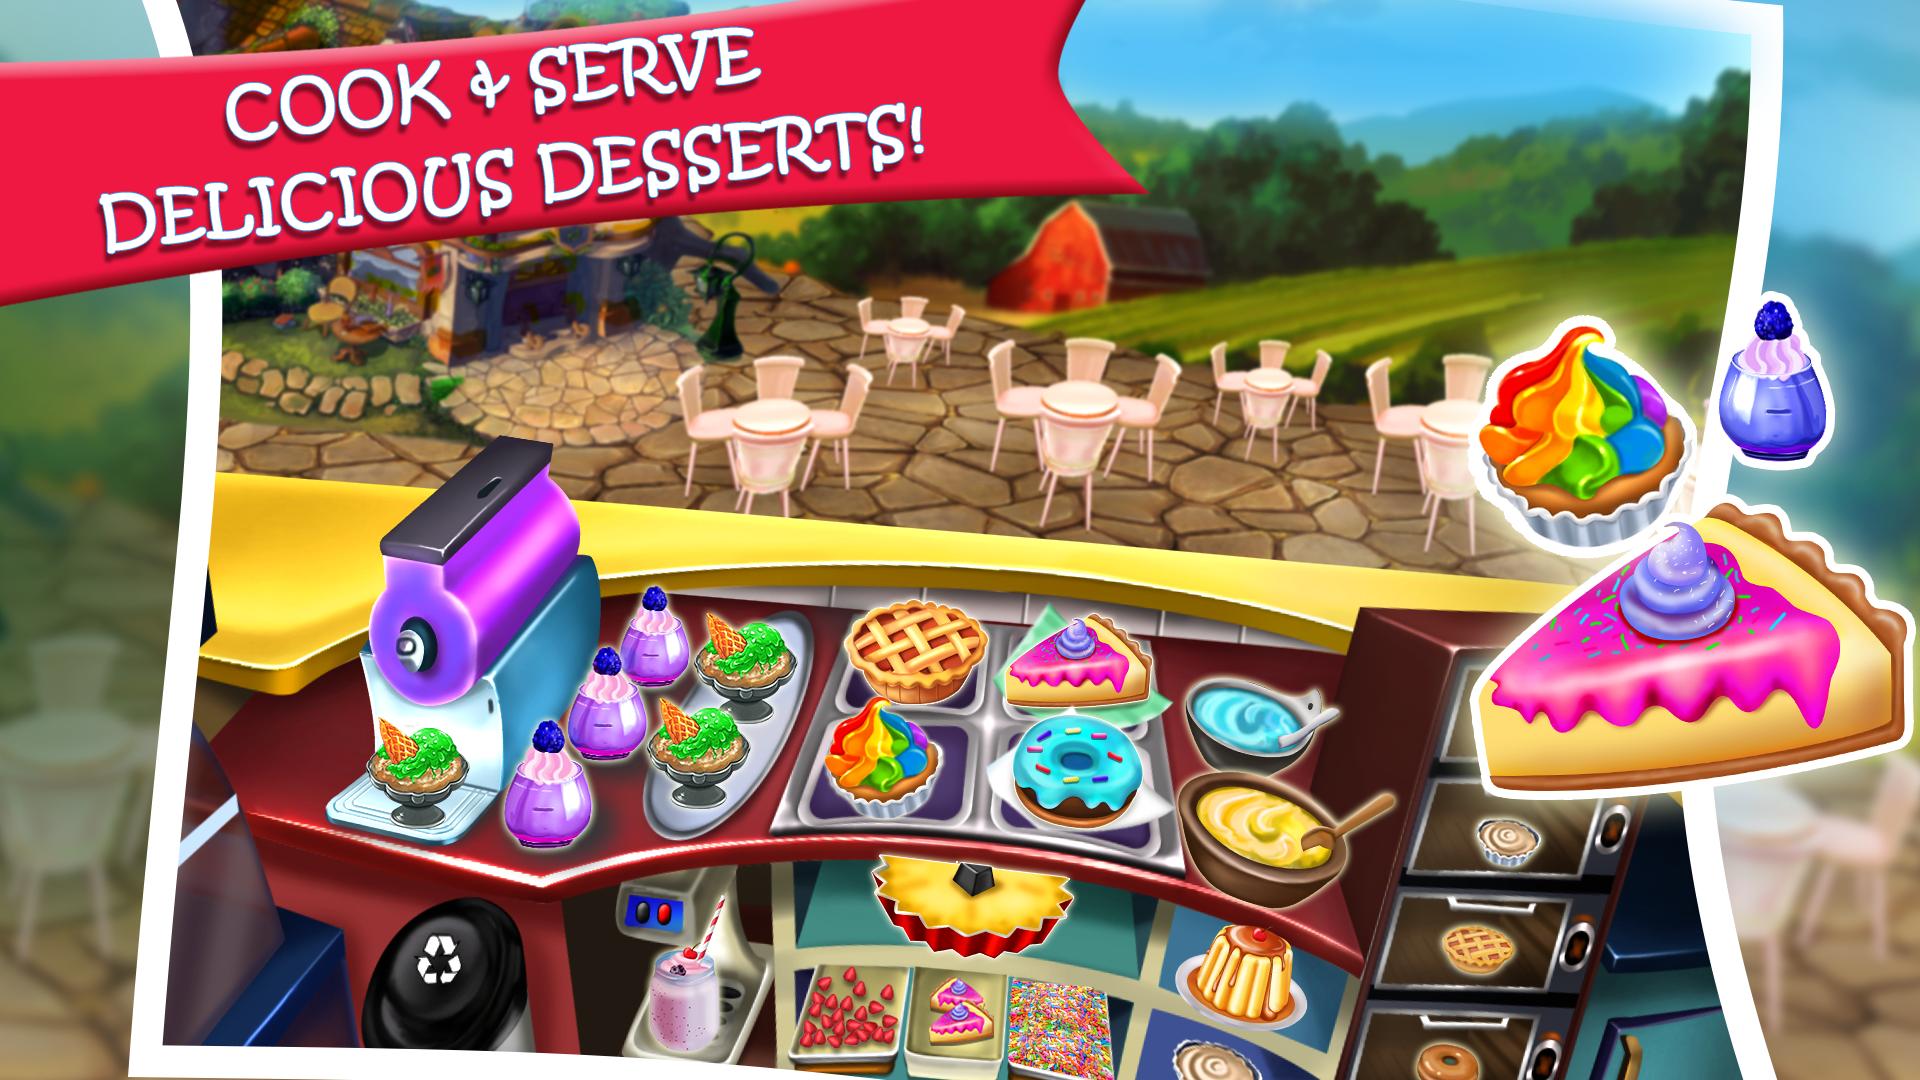 Crazy Kitchen Seafood Restaurant Juego de cocina para chef: Amazon.es: Appstore para Android